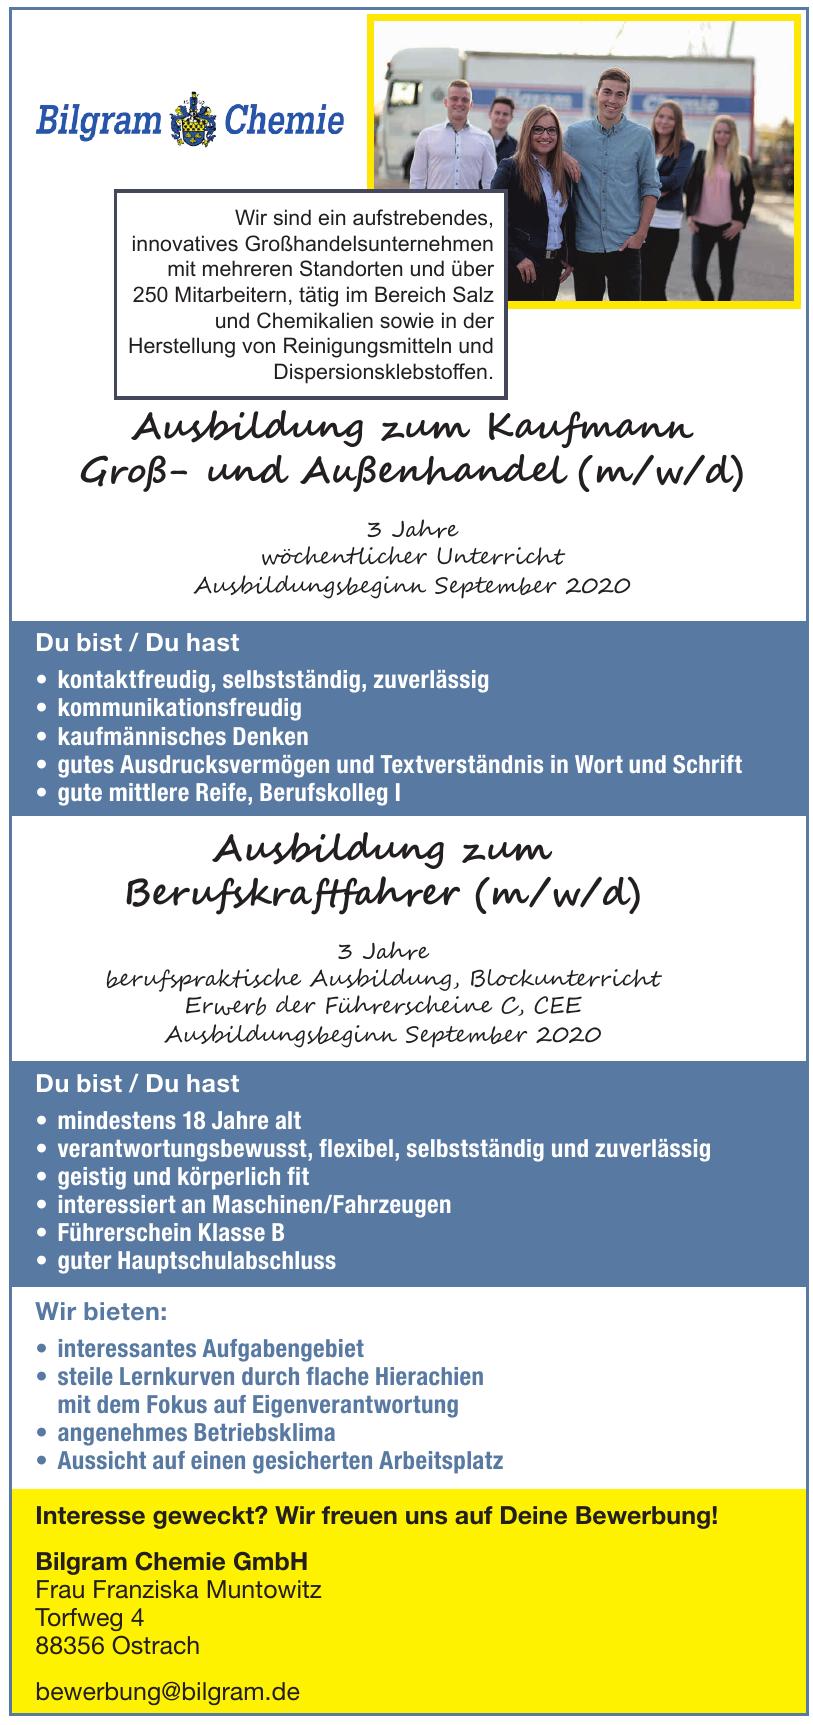 Bilgram Chemie GmbH